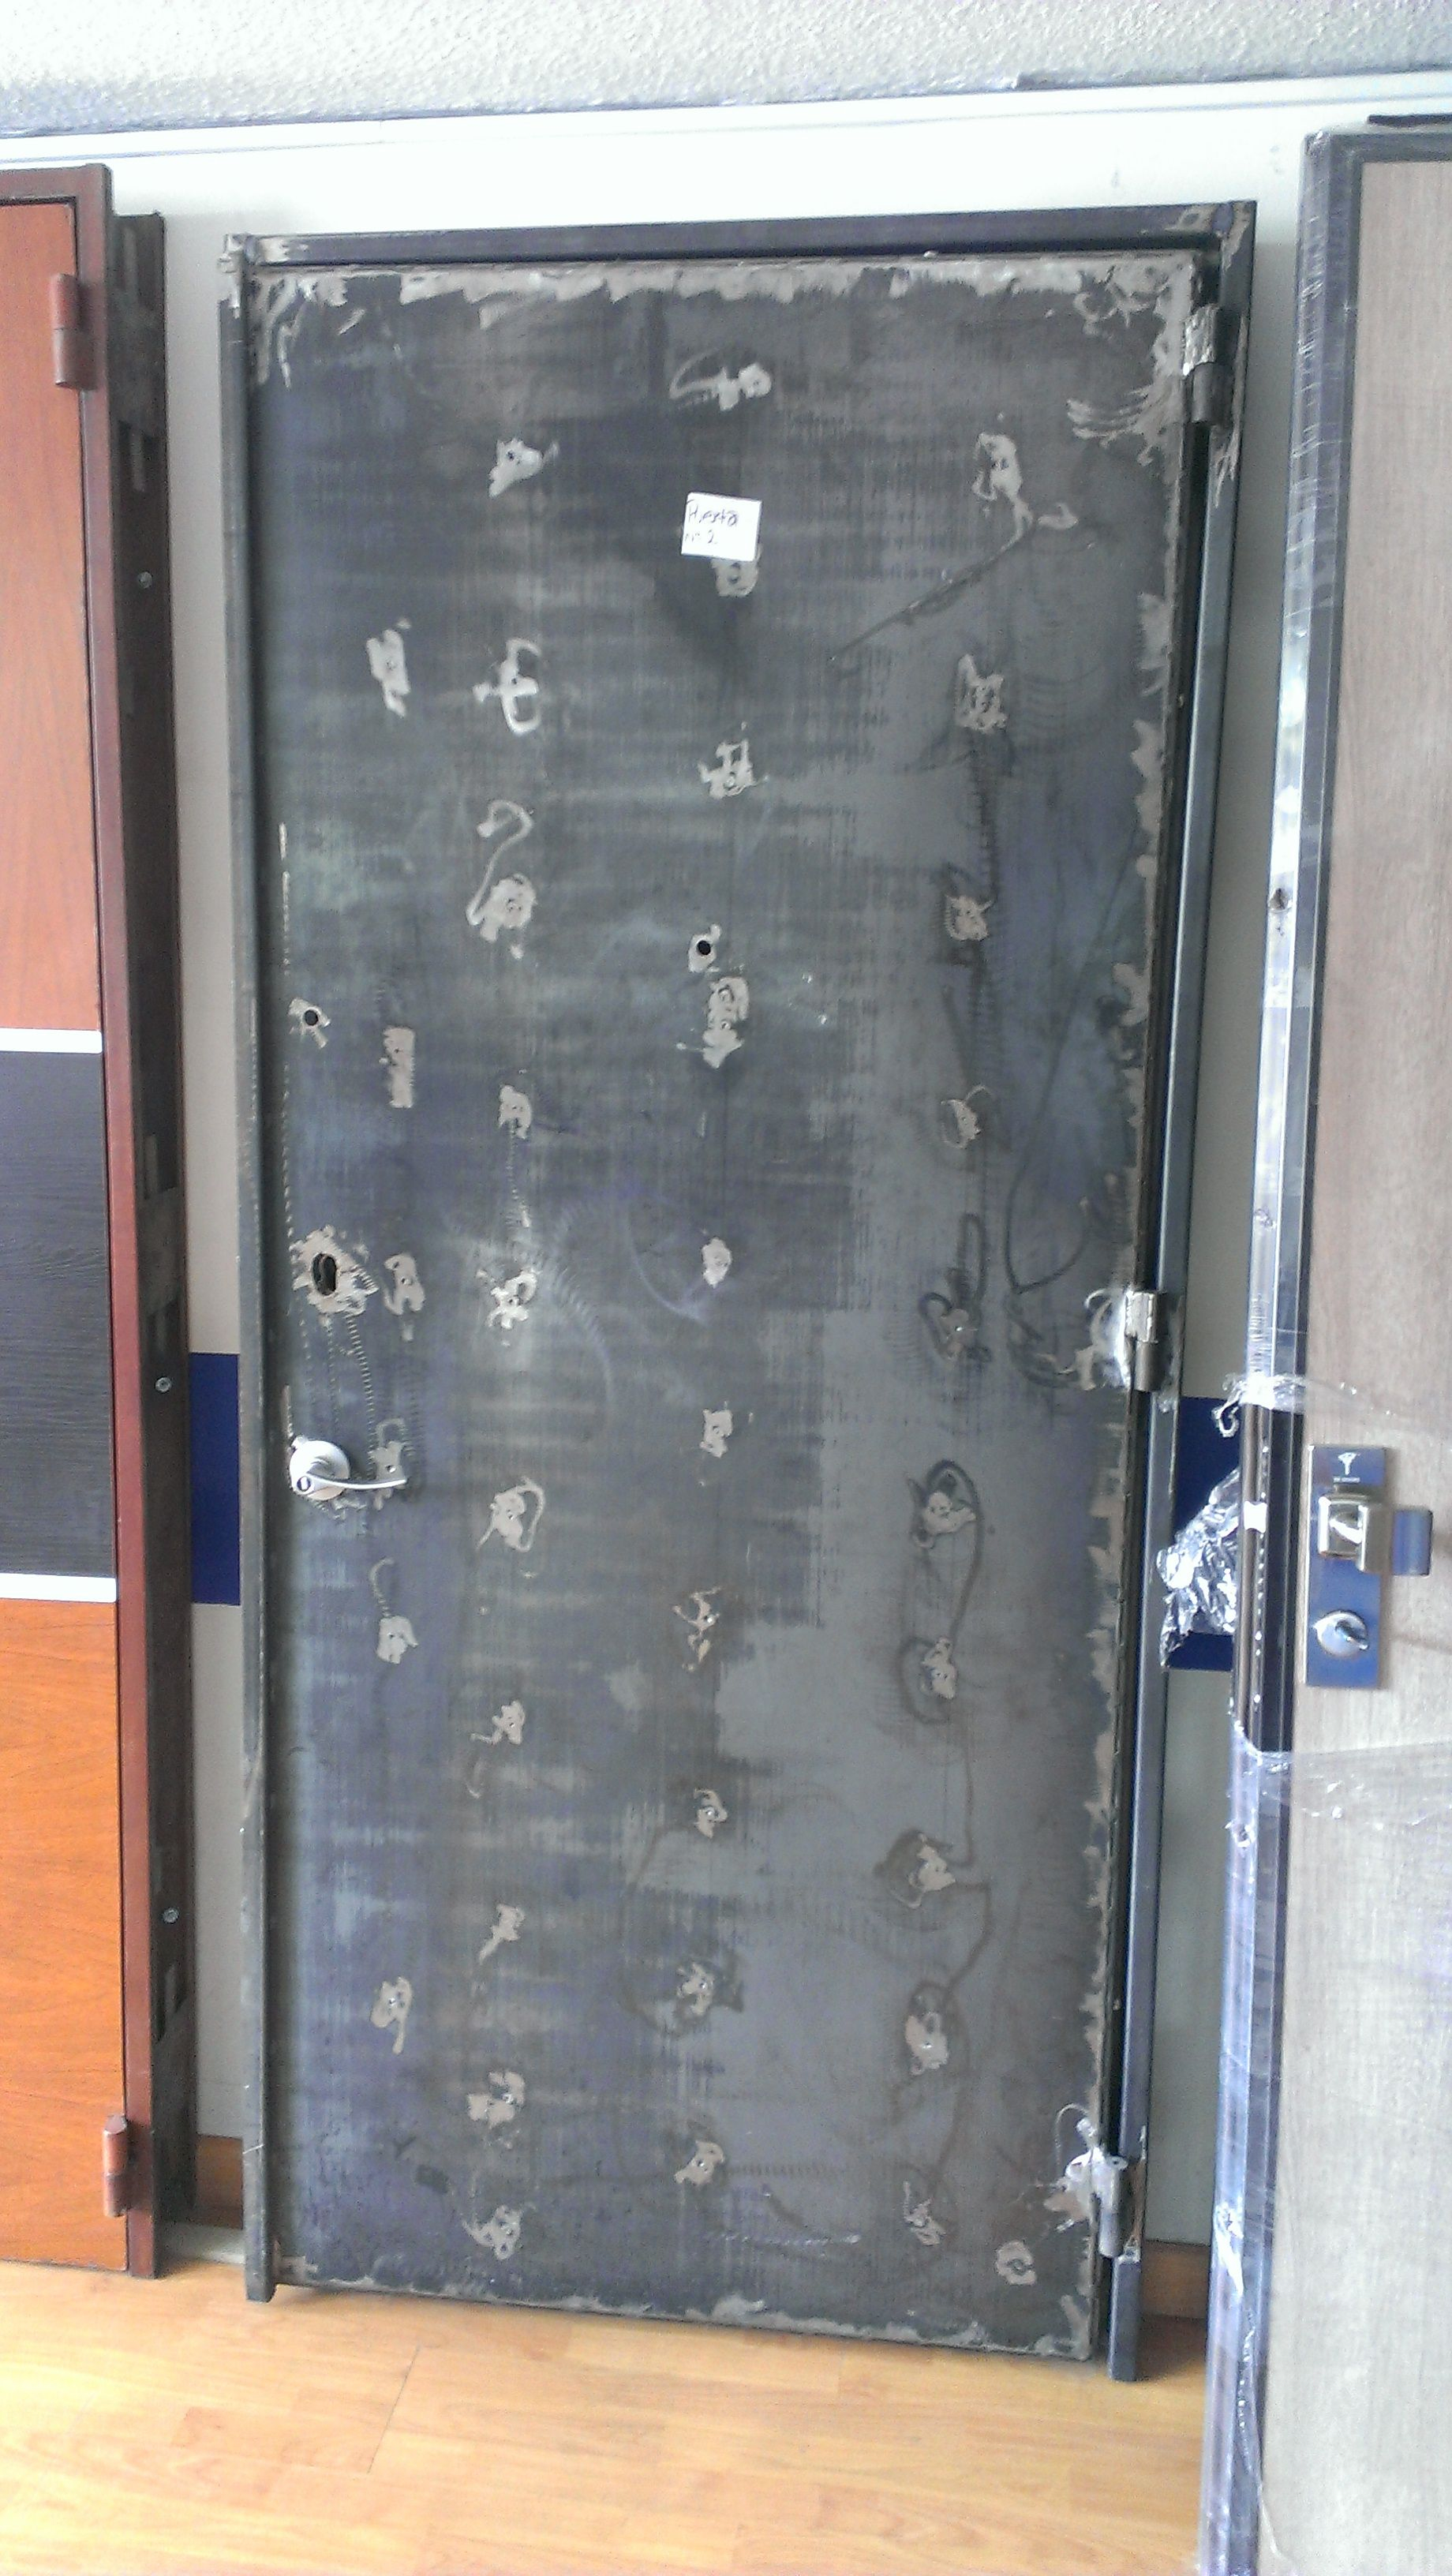 Puertas de seguridad puertas blindadas cajas fuertes y Puertas de seguridad